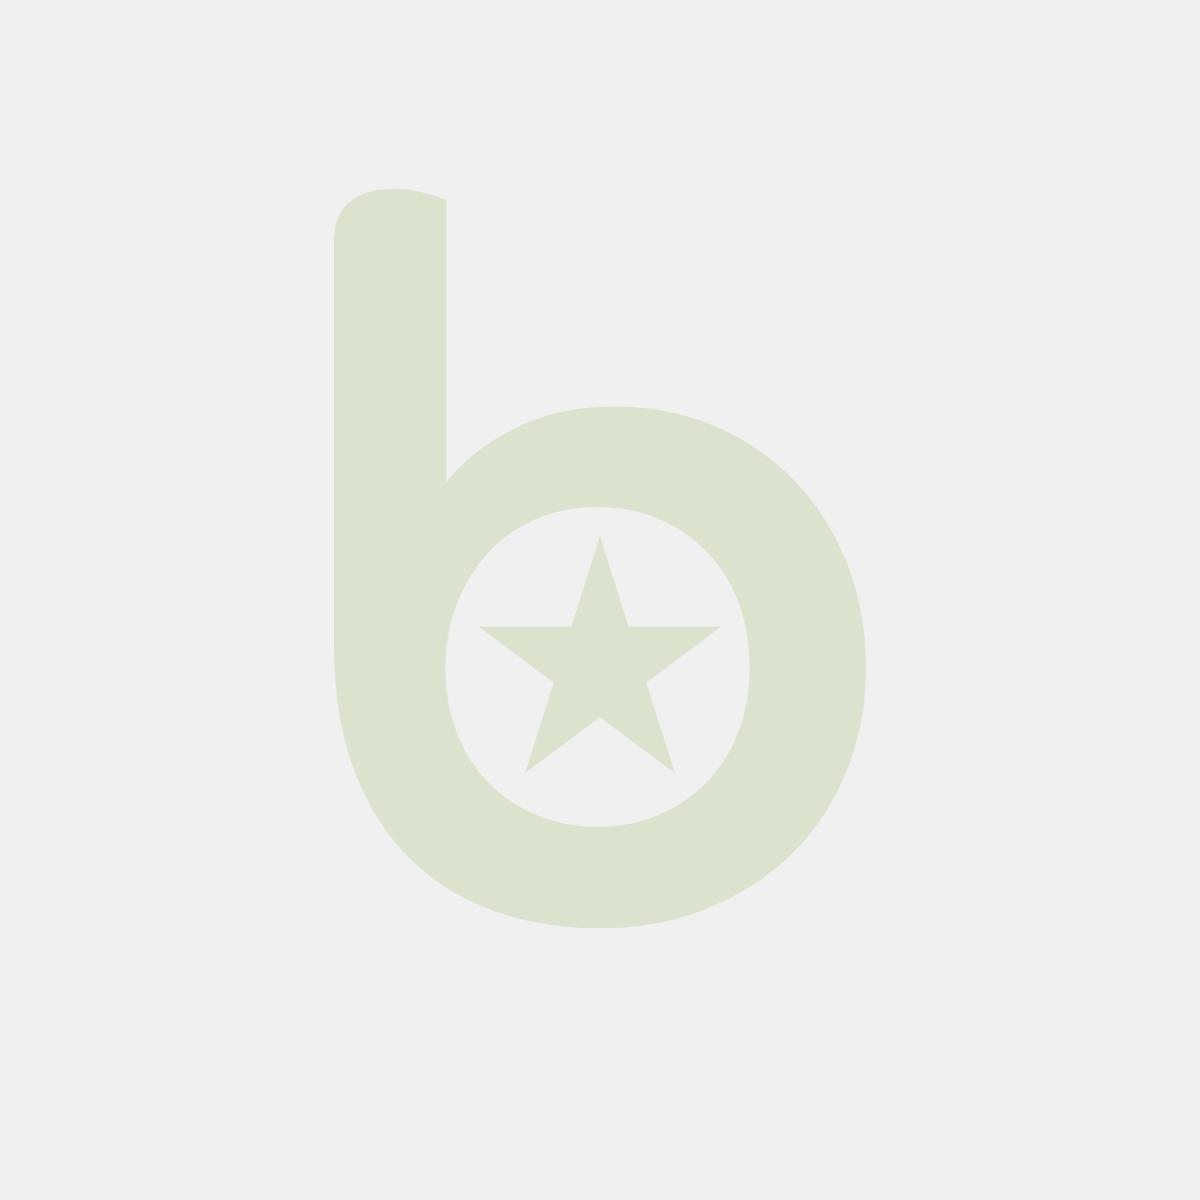 Torba klockowa szara 180x85x230 z uchem płaskim